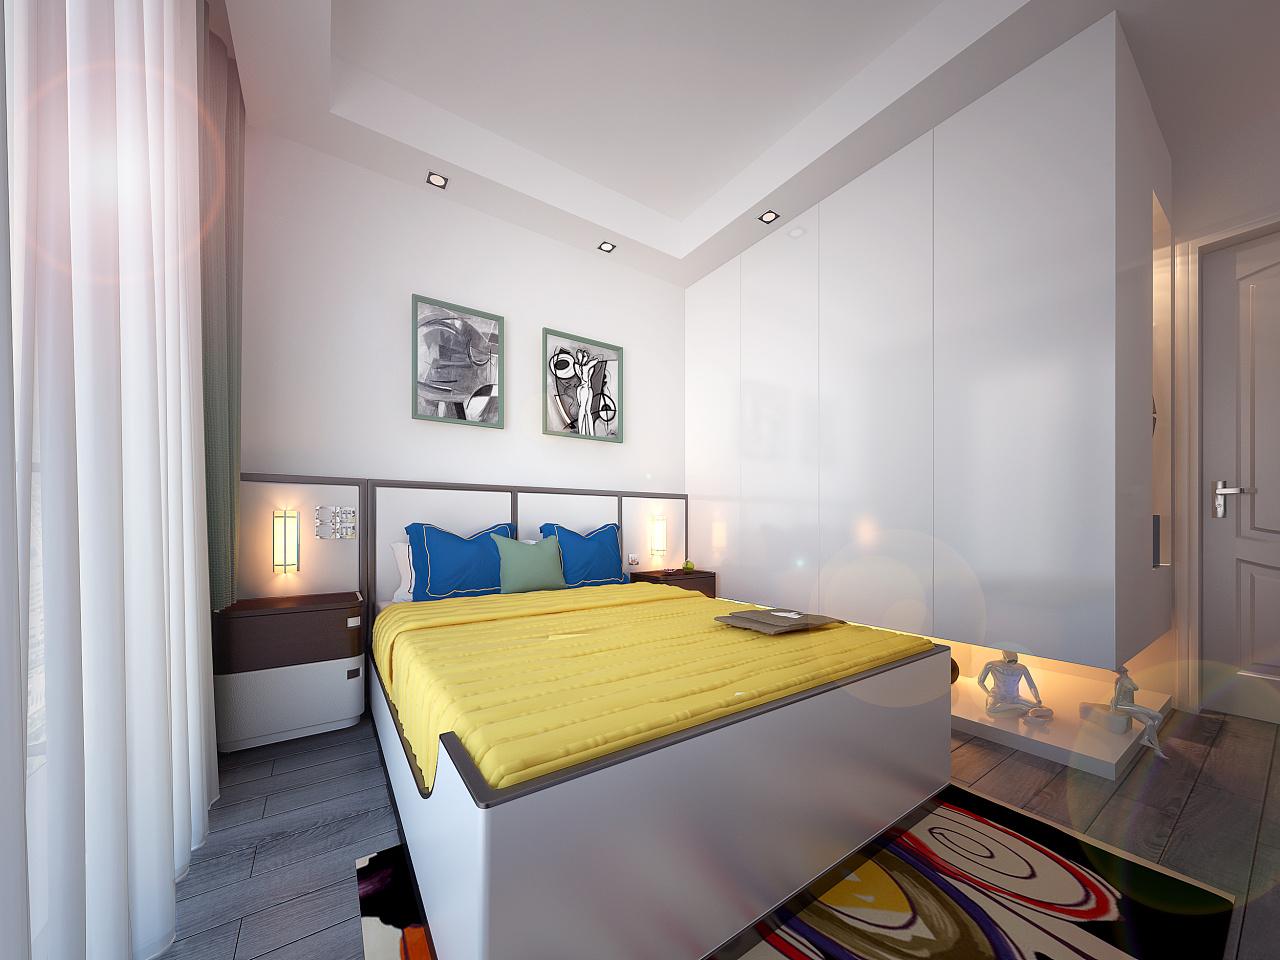 卧室装修设计五大要点,打造舒服休息环境